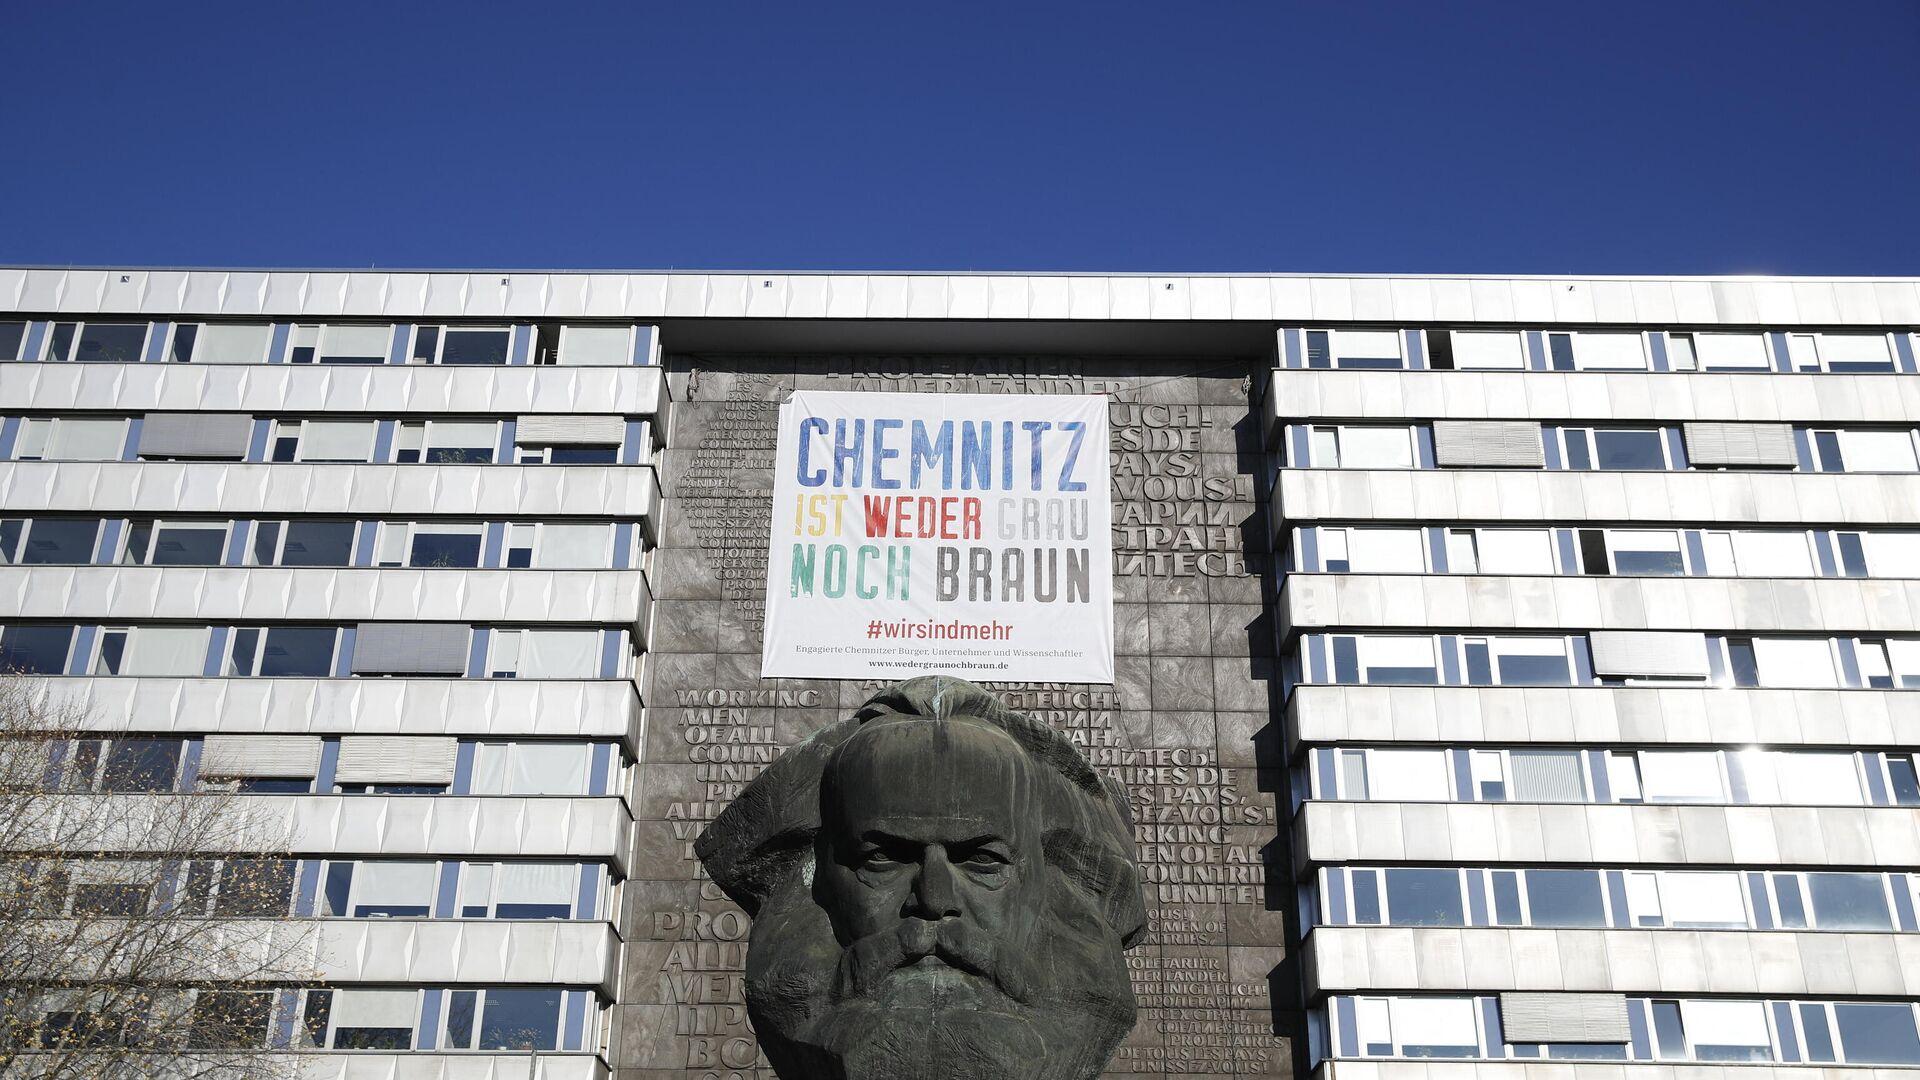 Ein Banner über einer Karl-Marx-Statue in Chemnitz im November 2018, Ostdeutschland, als Bundeskanzlerin Angela Merkel Chemnitz nach gewalttätigen rechtsextremen Protesten besucht. - SNA, 1920, 08.07.2021